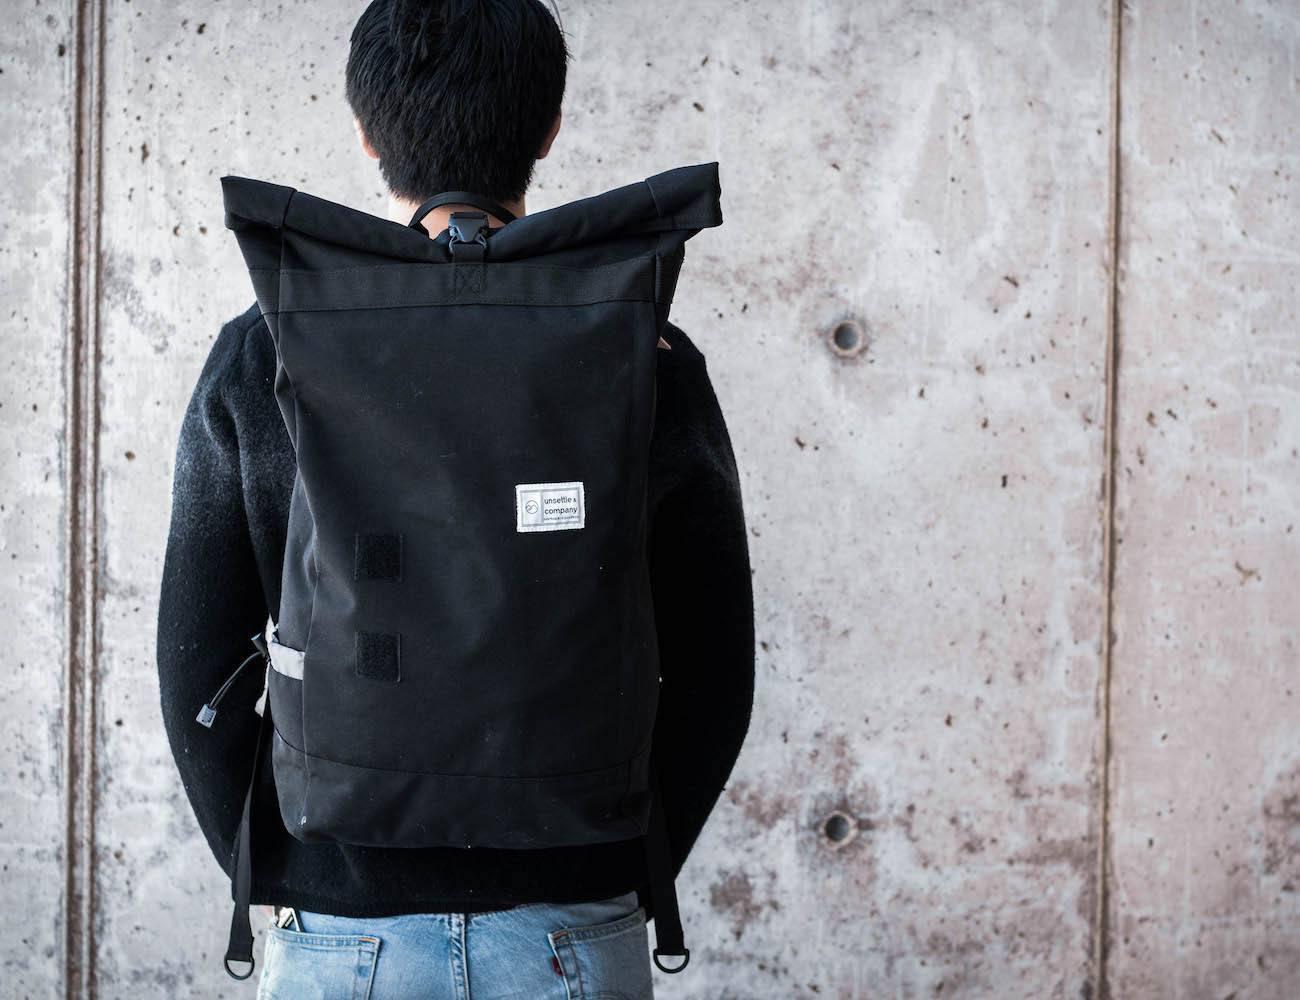 Modular+Weatherproof+Backpack